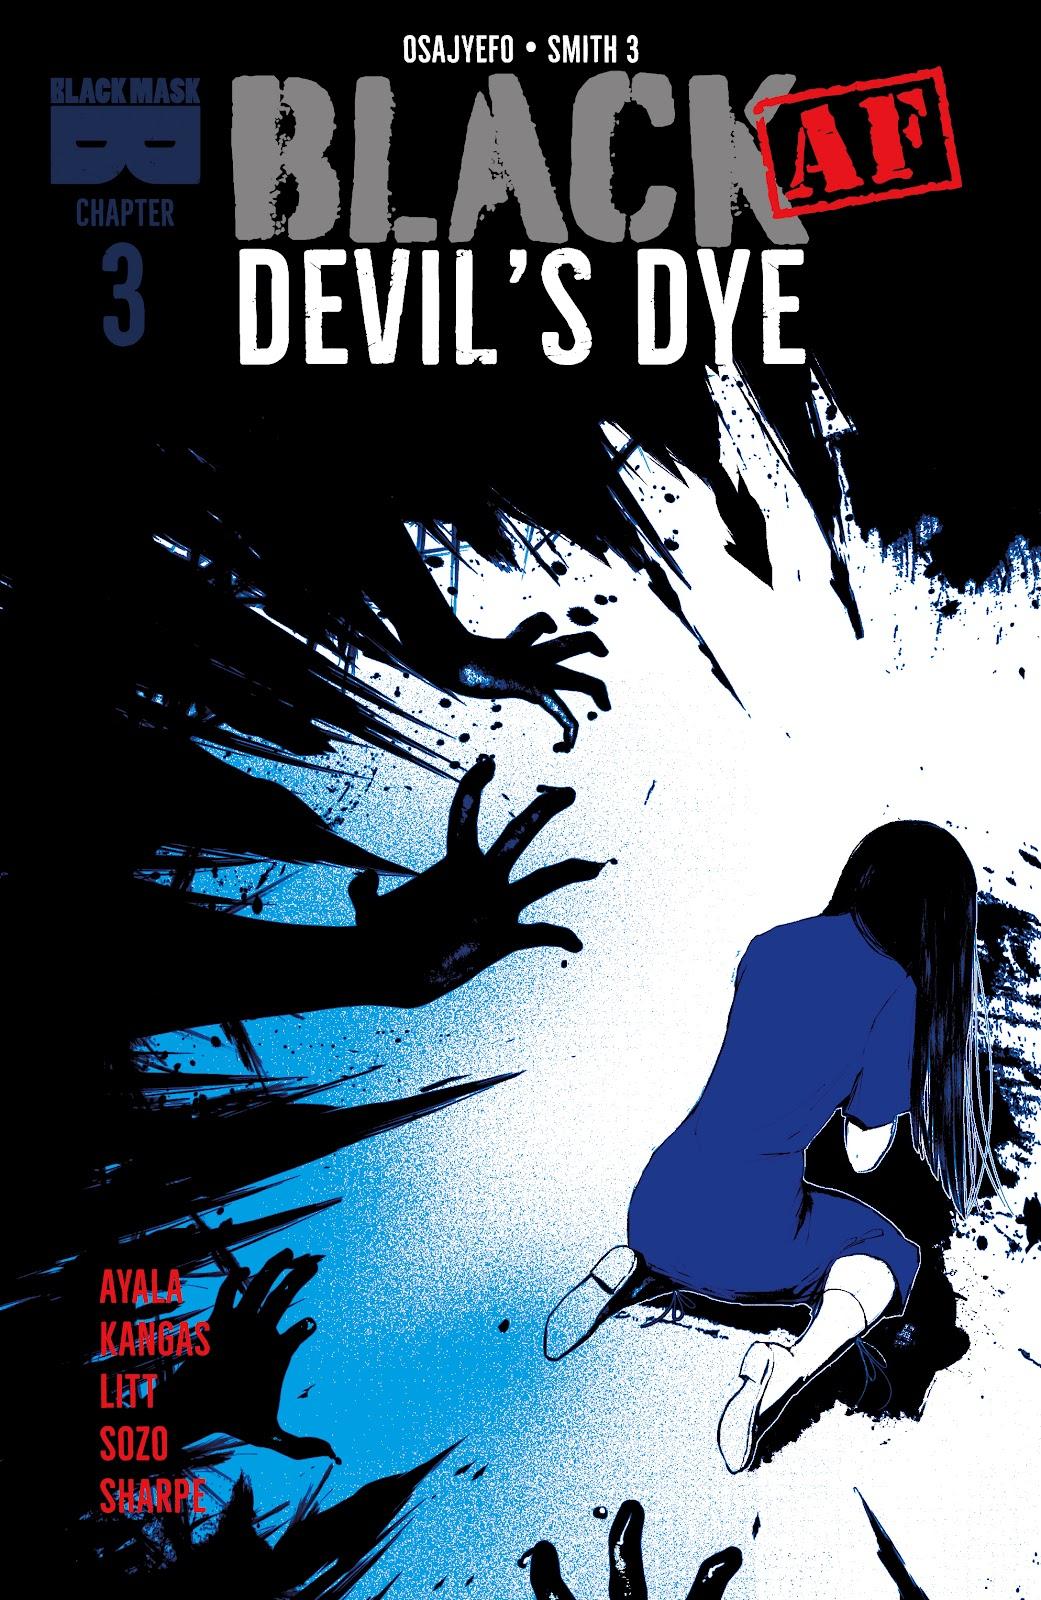 Read online Black (AF): Devil's Dye comic -  Issue #3 - 1